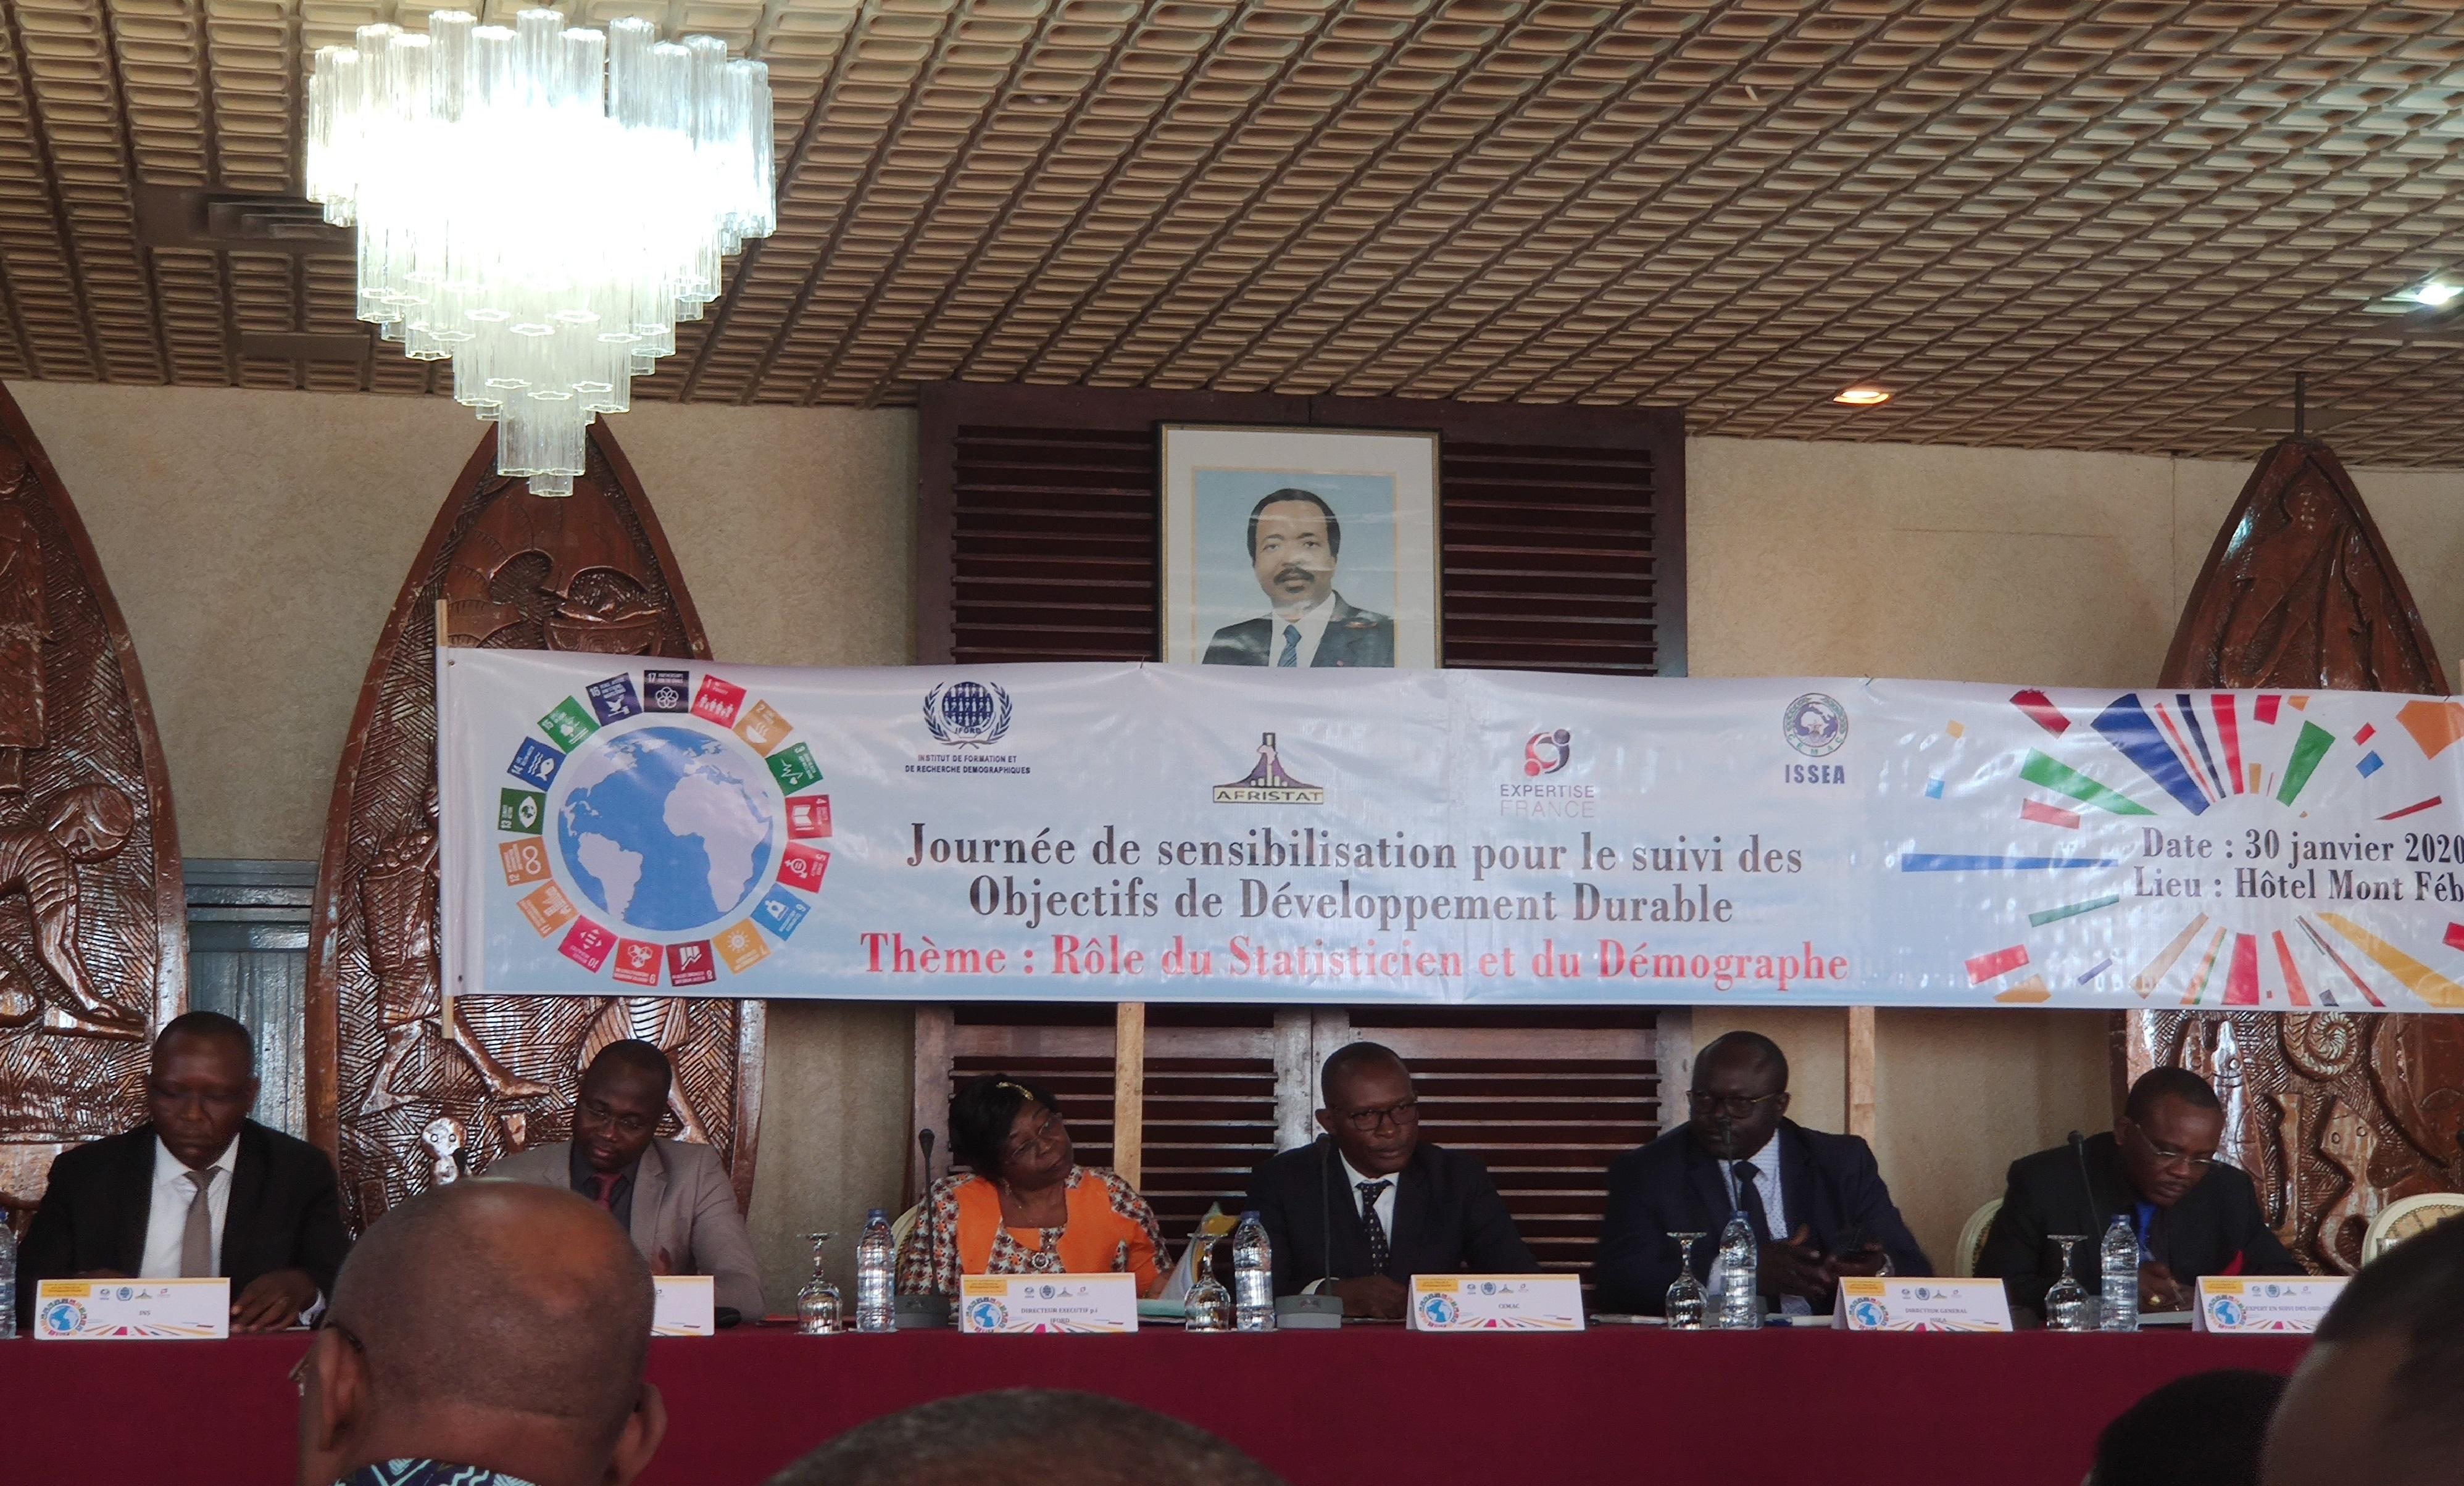 ODD en Afrique francophone : L'ISSEA au rendez-vous de la sensibilisation pour le suivi. © DR/ISSEA